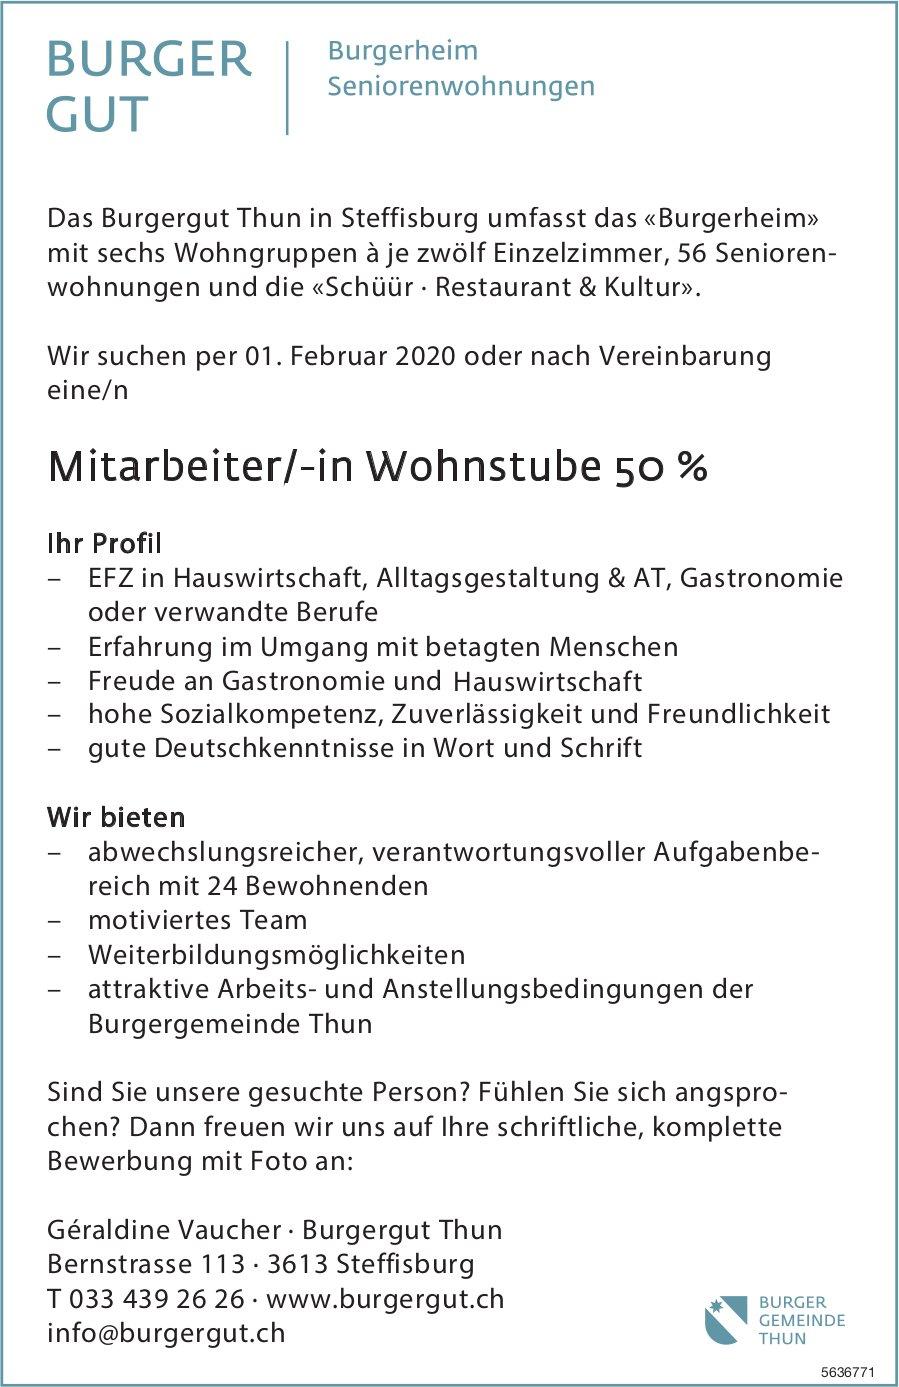 Mitarbeiter/-in Wohnstube 50 %, Burgergut Thun in Steffisburg, gesucht